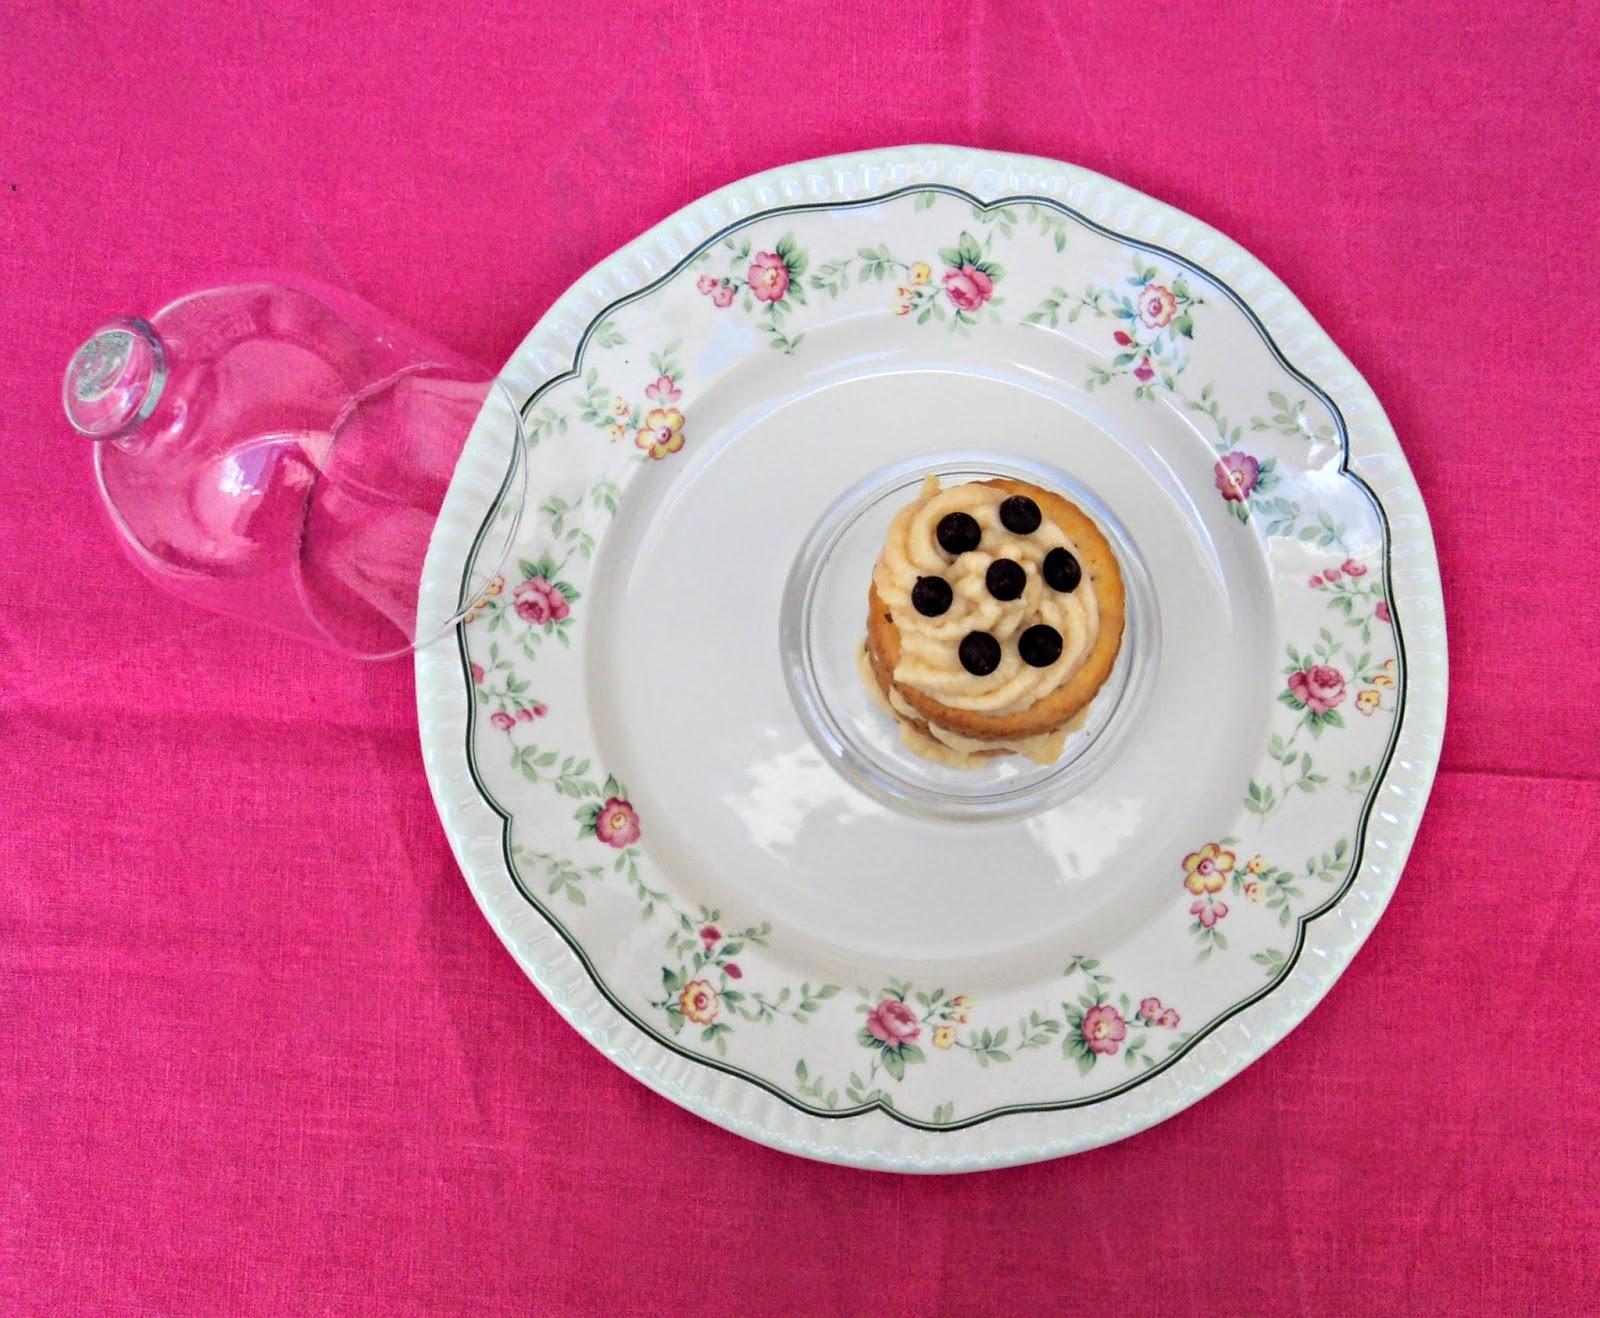 tarta-galletas-principe-crema-plato